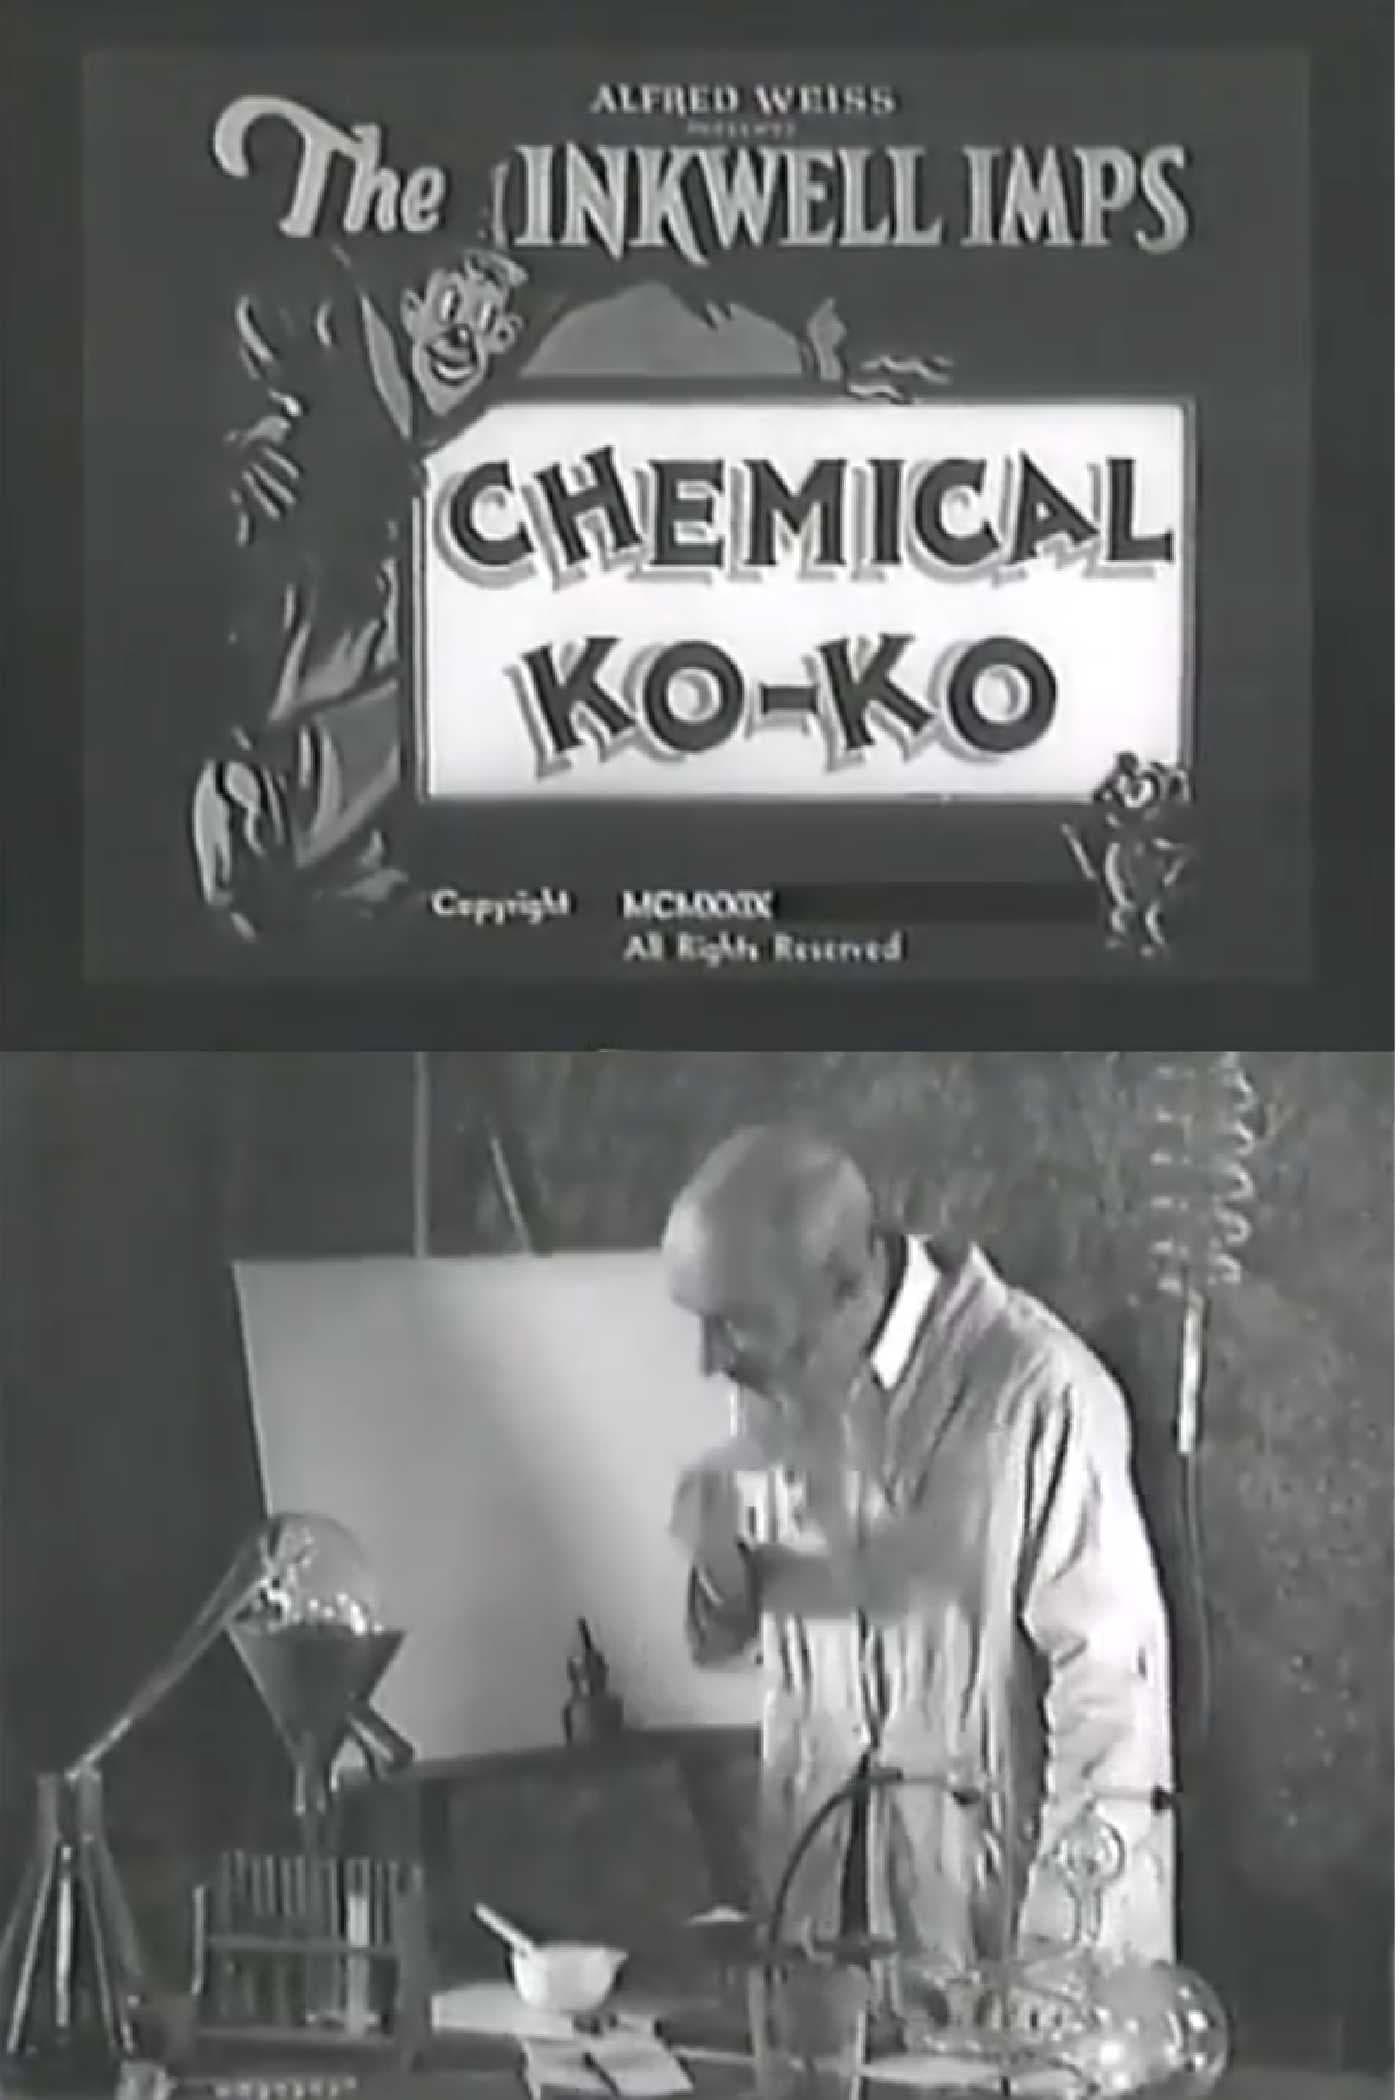 Chemical Ko-Ko